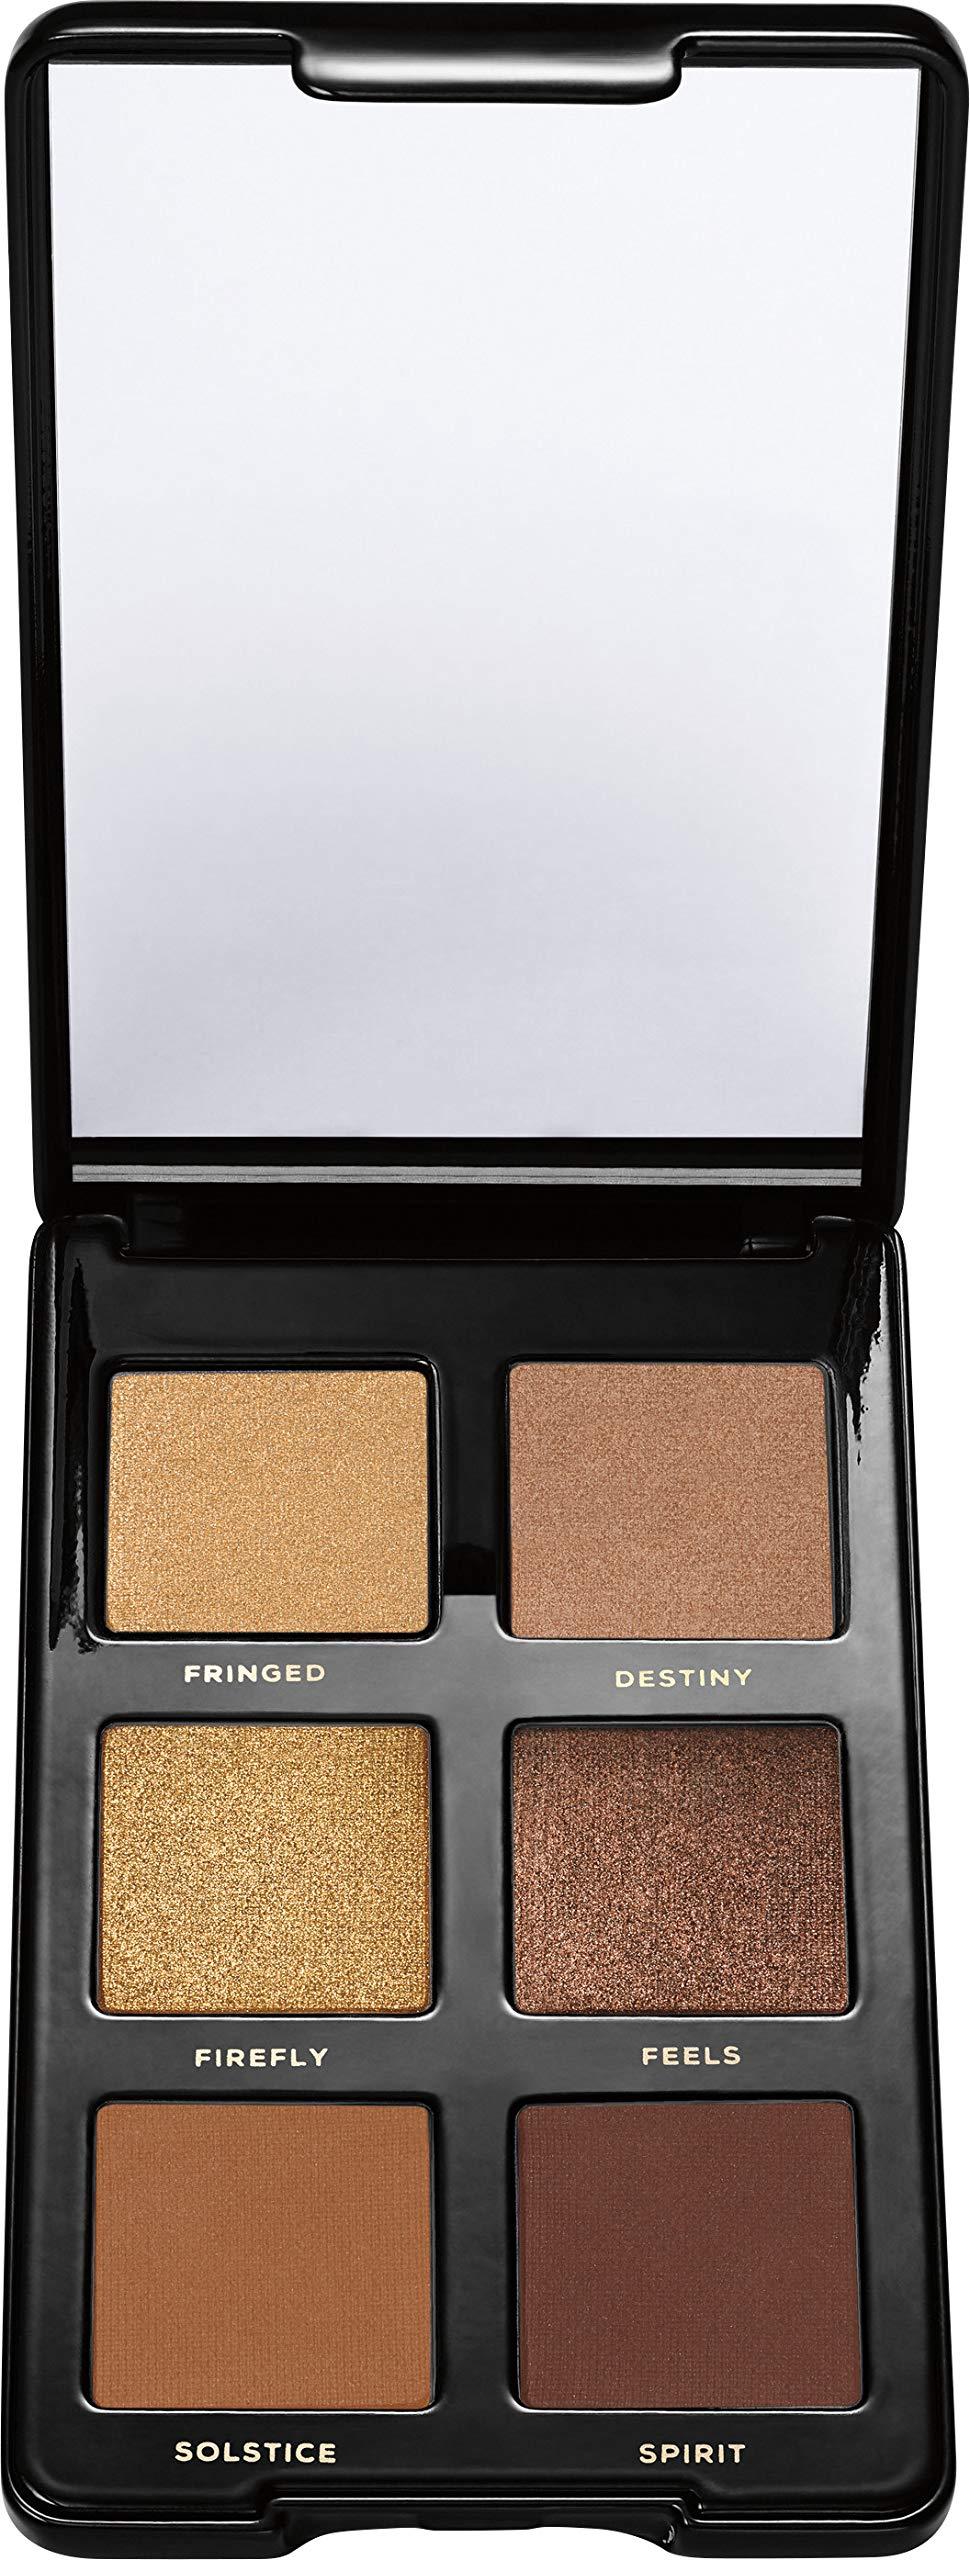 bareMinerals Gen Nude Latte Eyeshadow Palette, 0.18 Ounce by bareMinerals